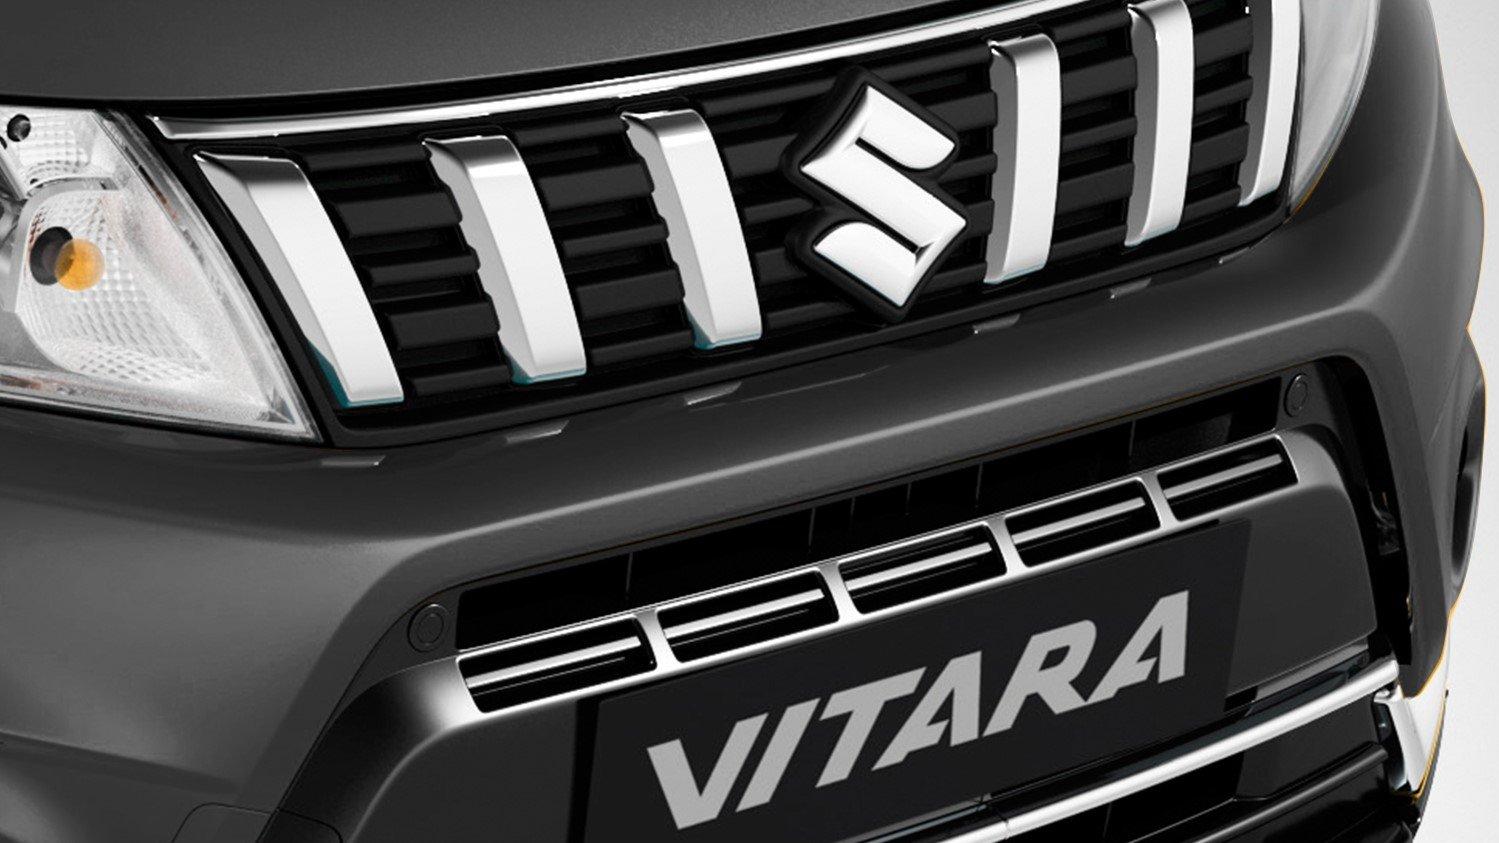 Suzuki Vitara precio mexico se vende en 6 versiones